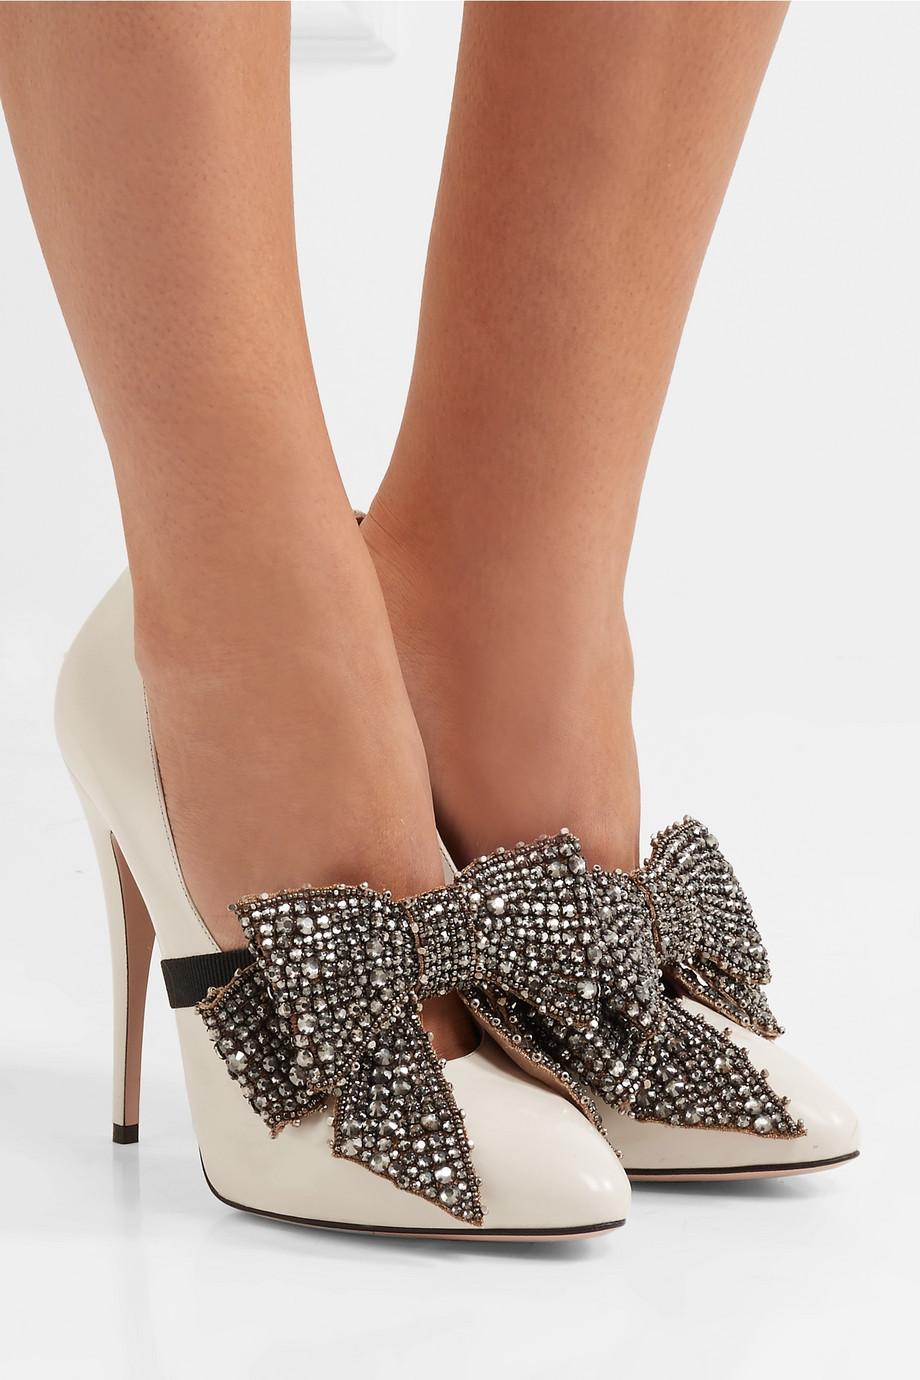 Gucci 蝴蝶结装饰漆皮高跟鞋